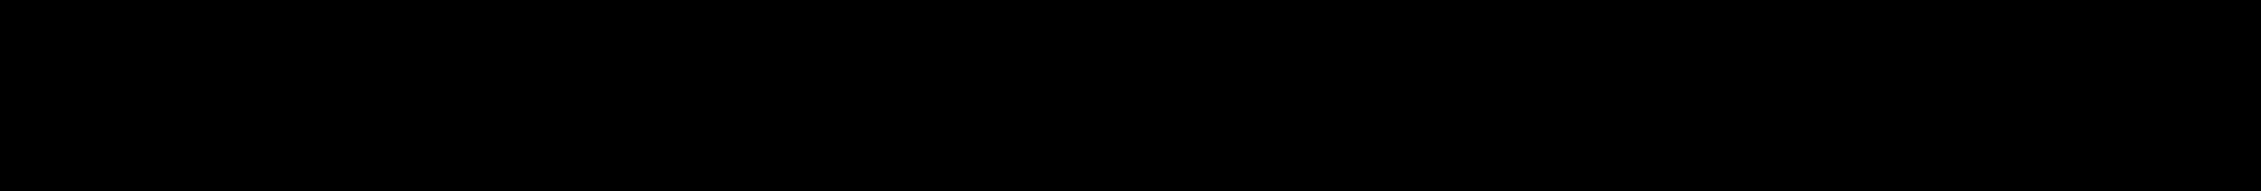 Luella Decorative Frames